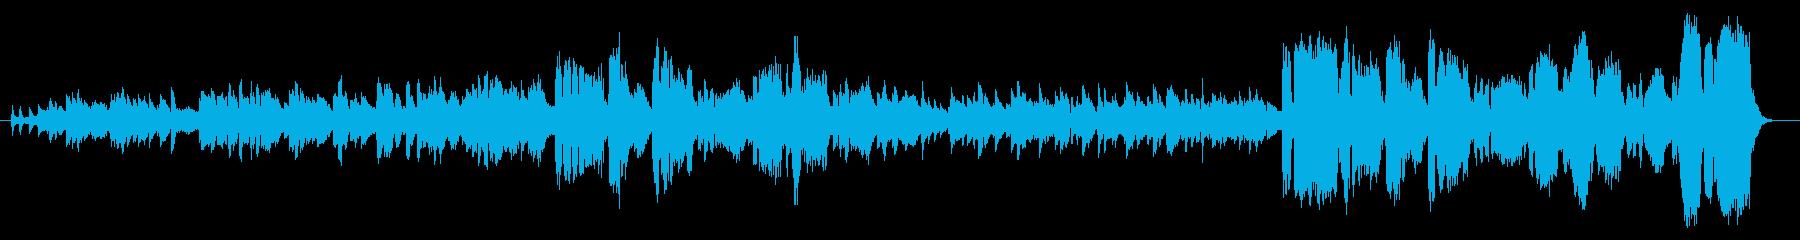 生演奏「オーソレミオ」カンツォーネ/伊語の再生済みの波形